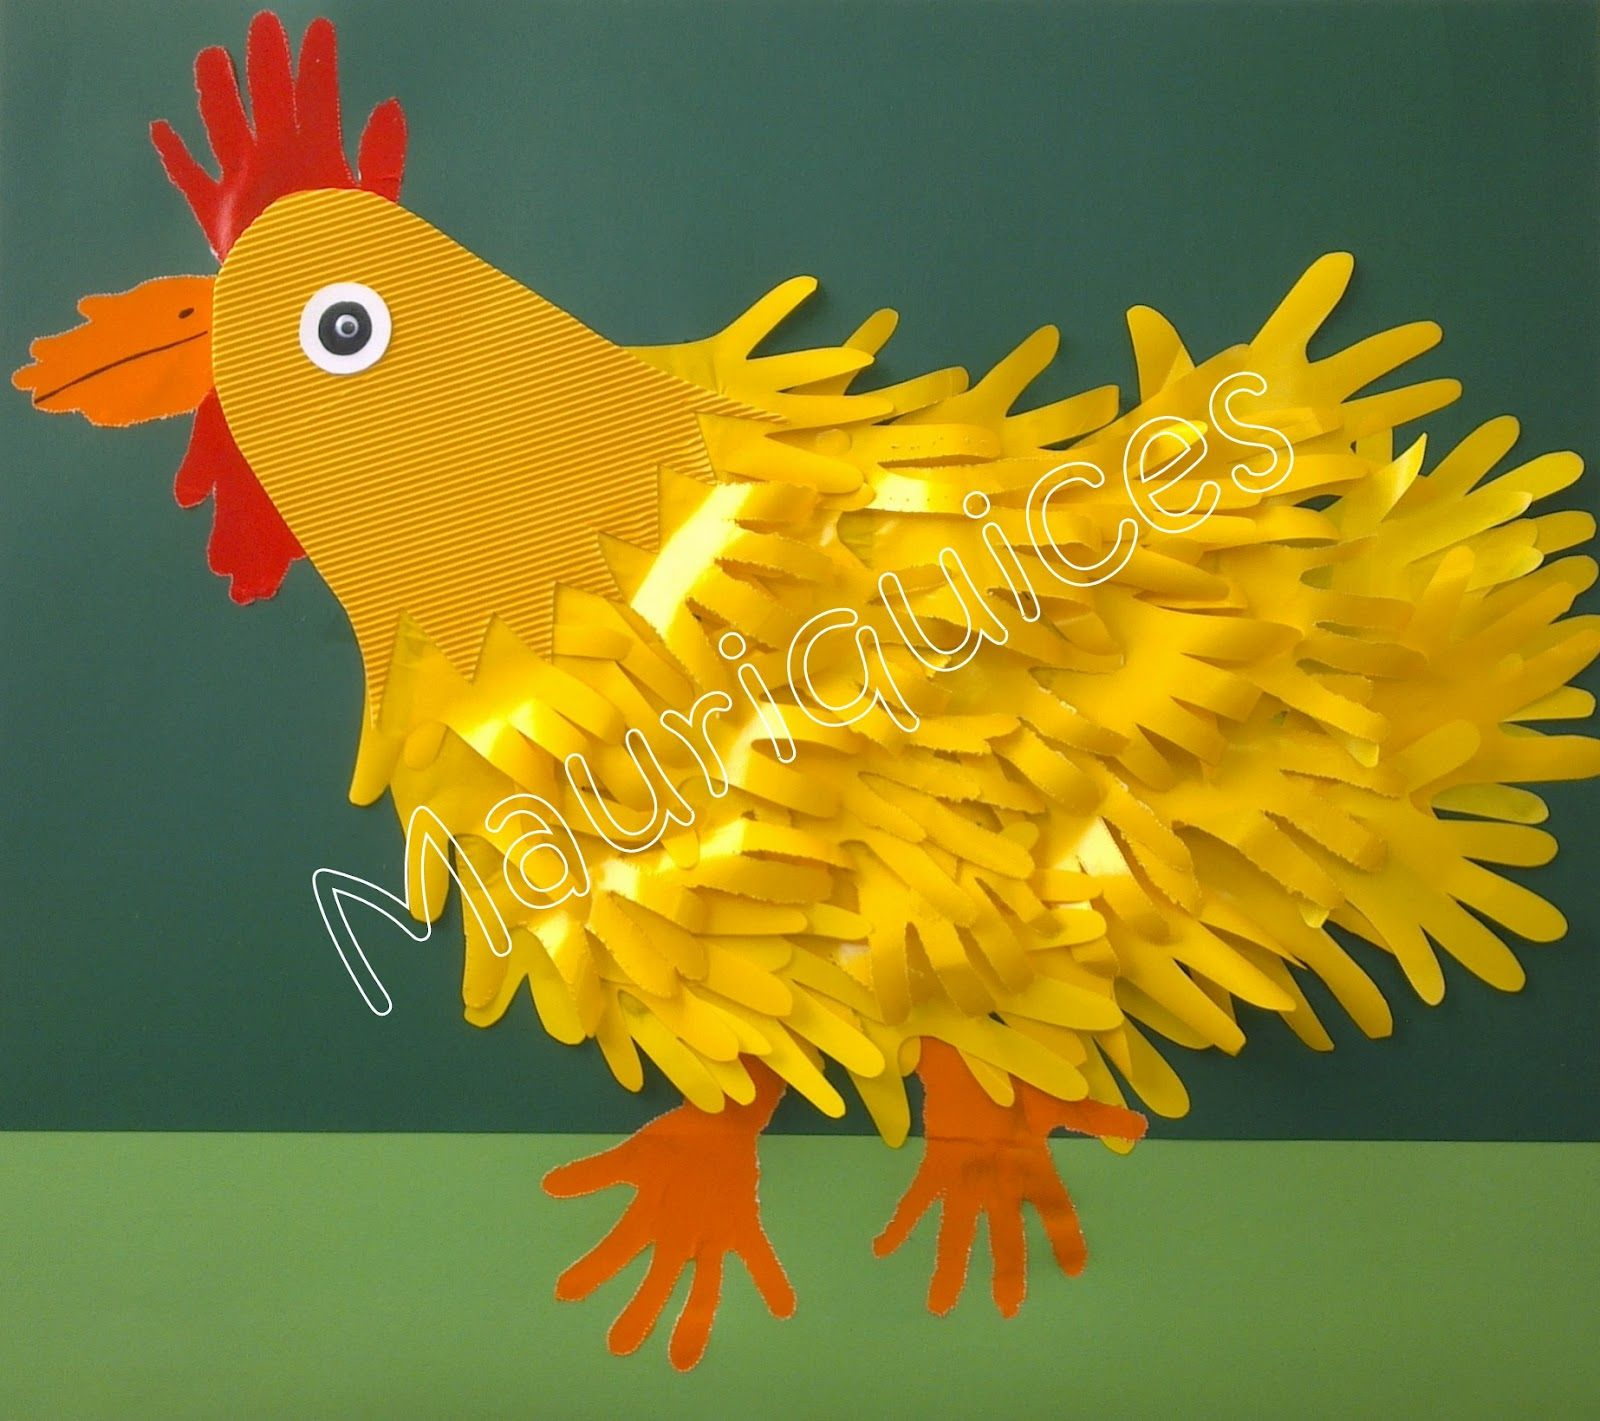 Canção   Doidas, doidas, andam as galinhas   Para pôr o ovo lá no buraquinho   Raspam, raspam, raspam   P'ra alisar a terra   Picam, picam,...